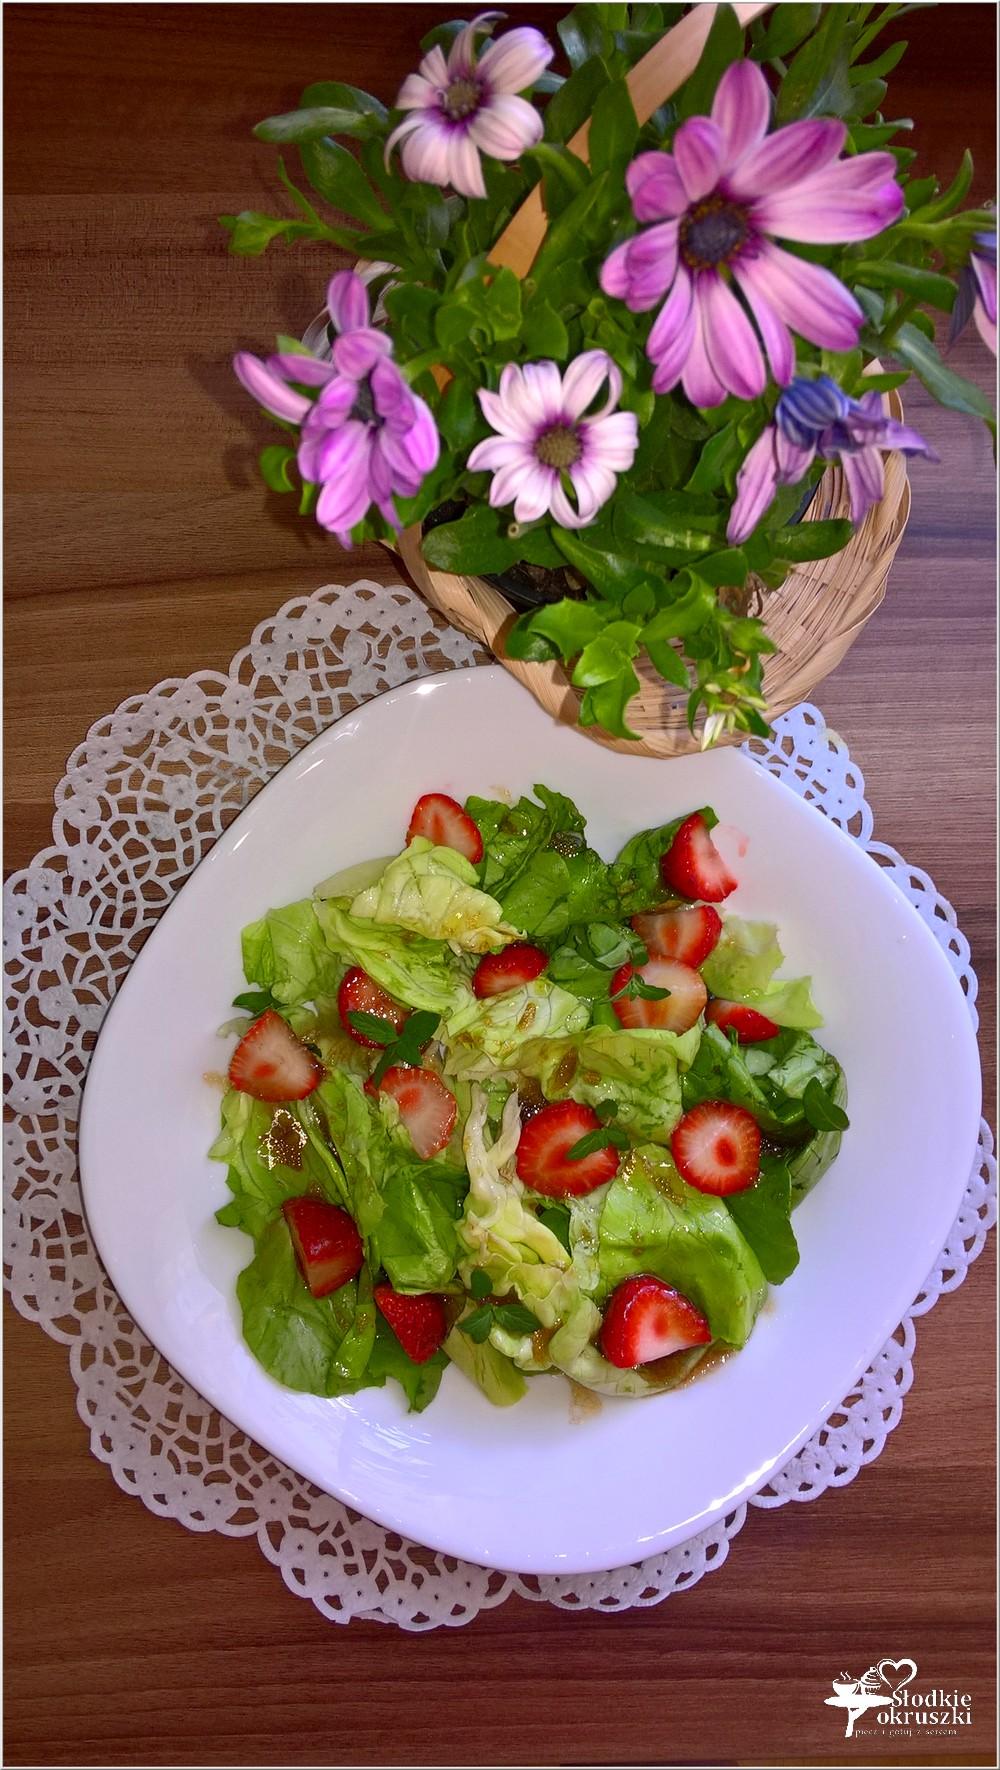 Sałatka z truskawkami w słodko-kwaśnym sosie (1)